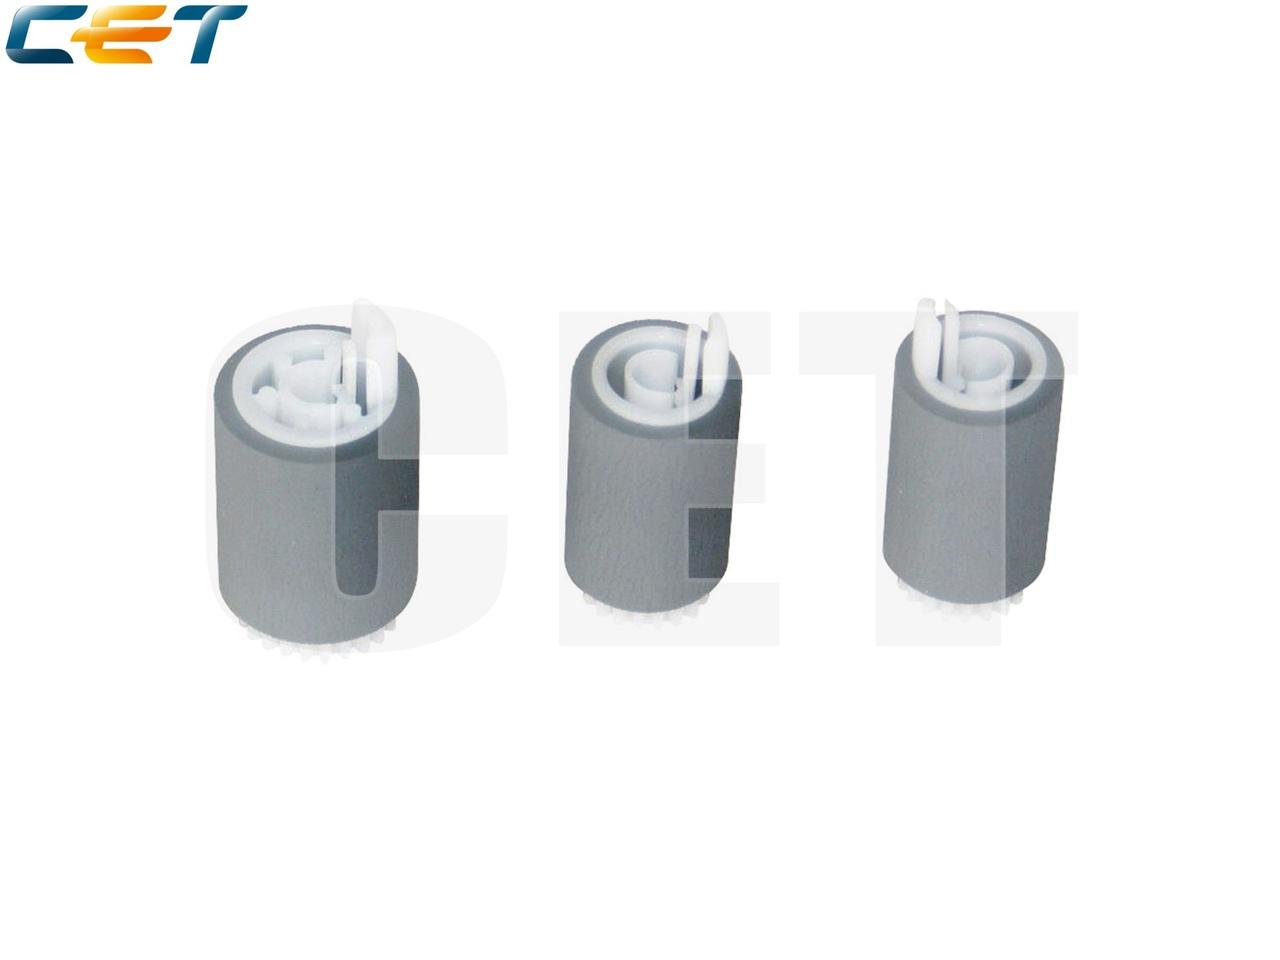 Комплект роликов FF5-4552-020 (2 шт.), FF5-4634-020 (1 шт.)для CANON iR2200/2800/3300/3320 (CET), CET5005